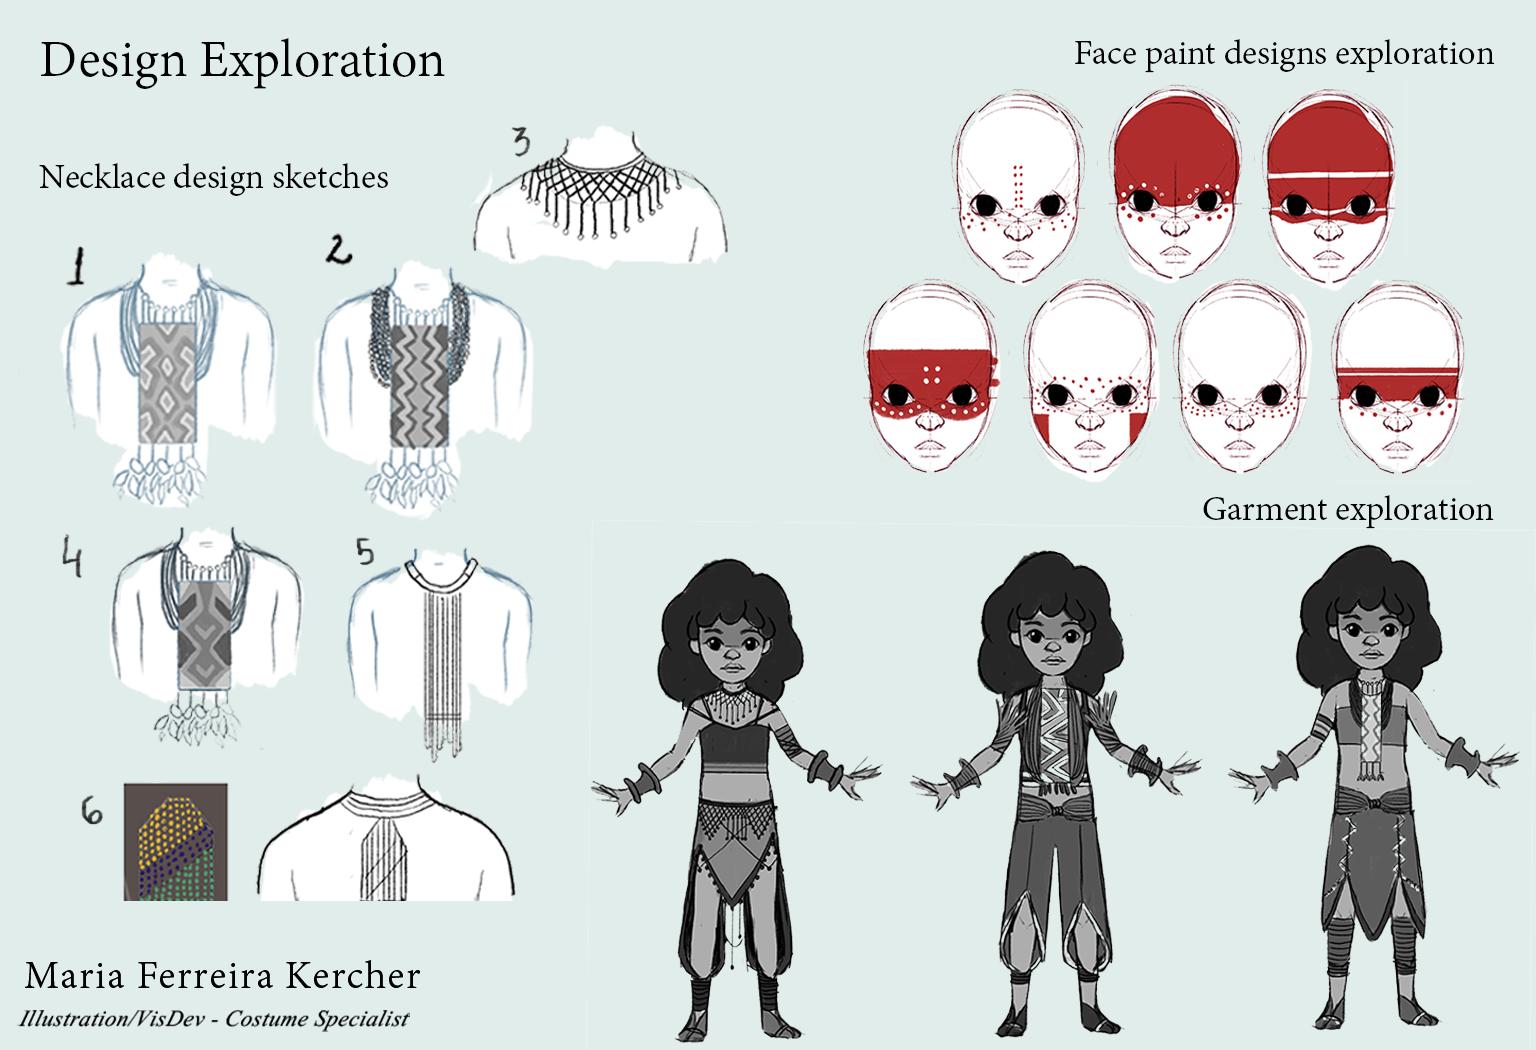 Necklace - Face paint - Garment exploration